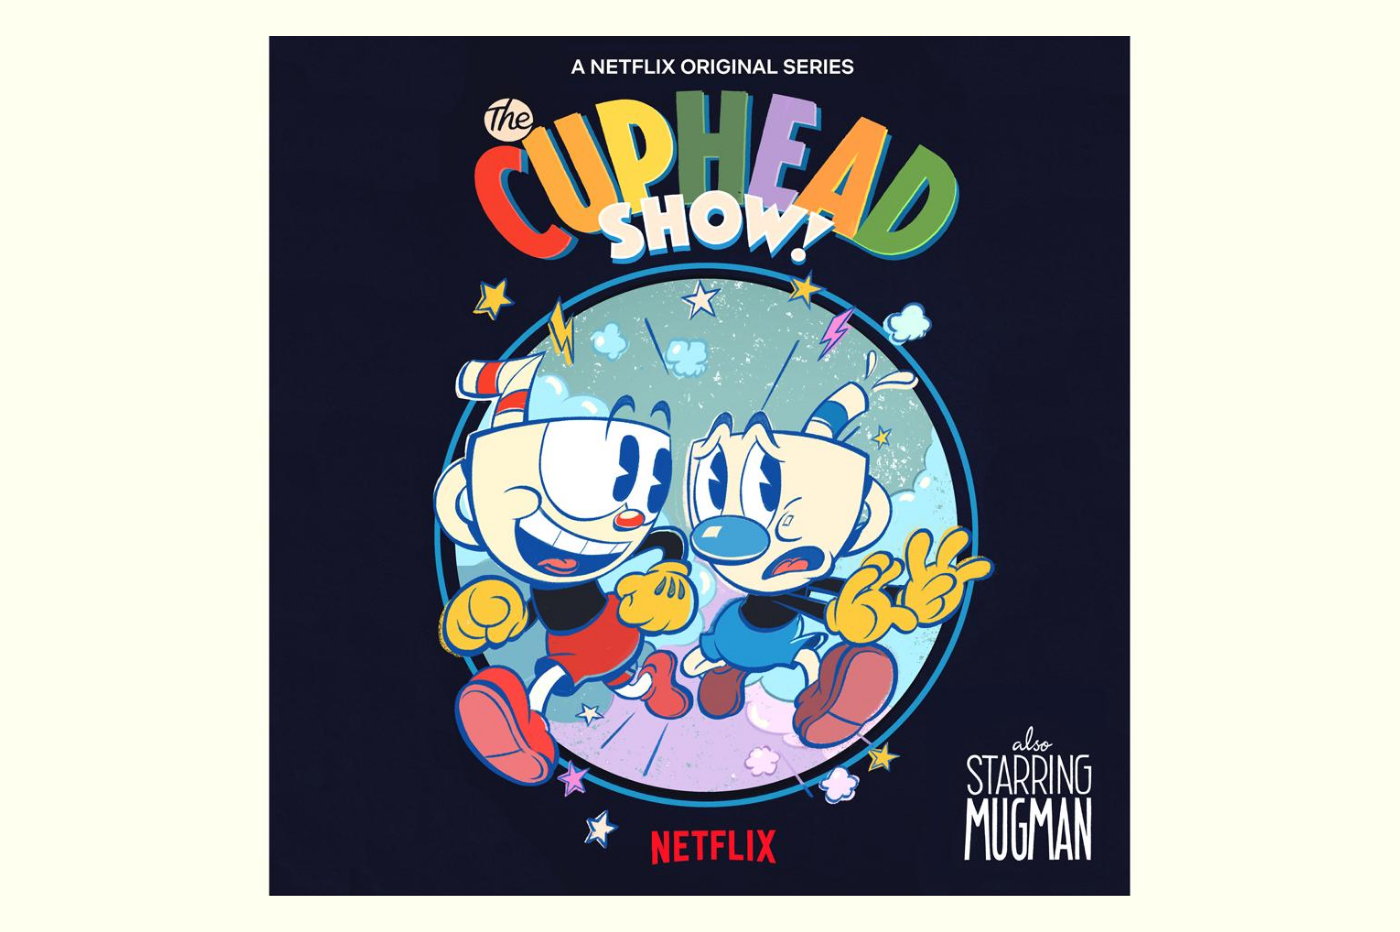 Cuphead-Show